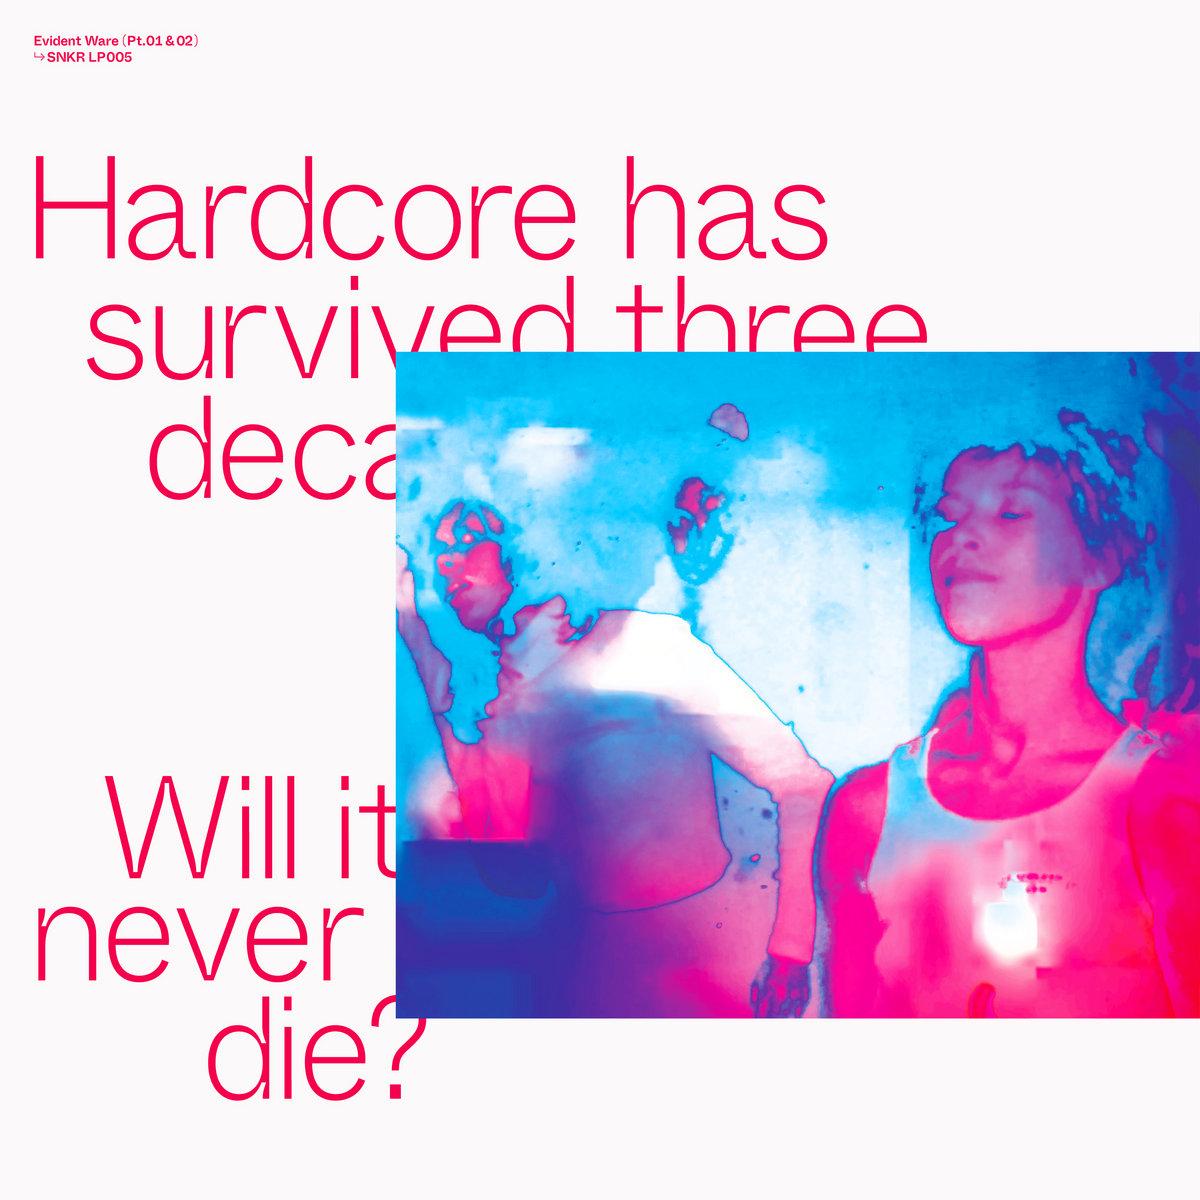 Evident Ware Full LP